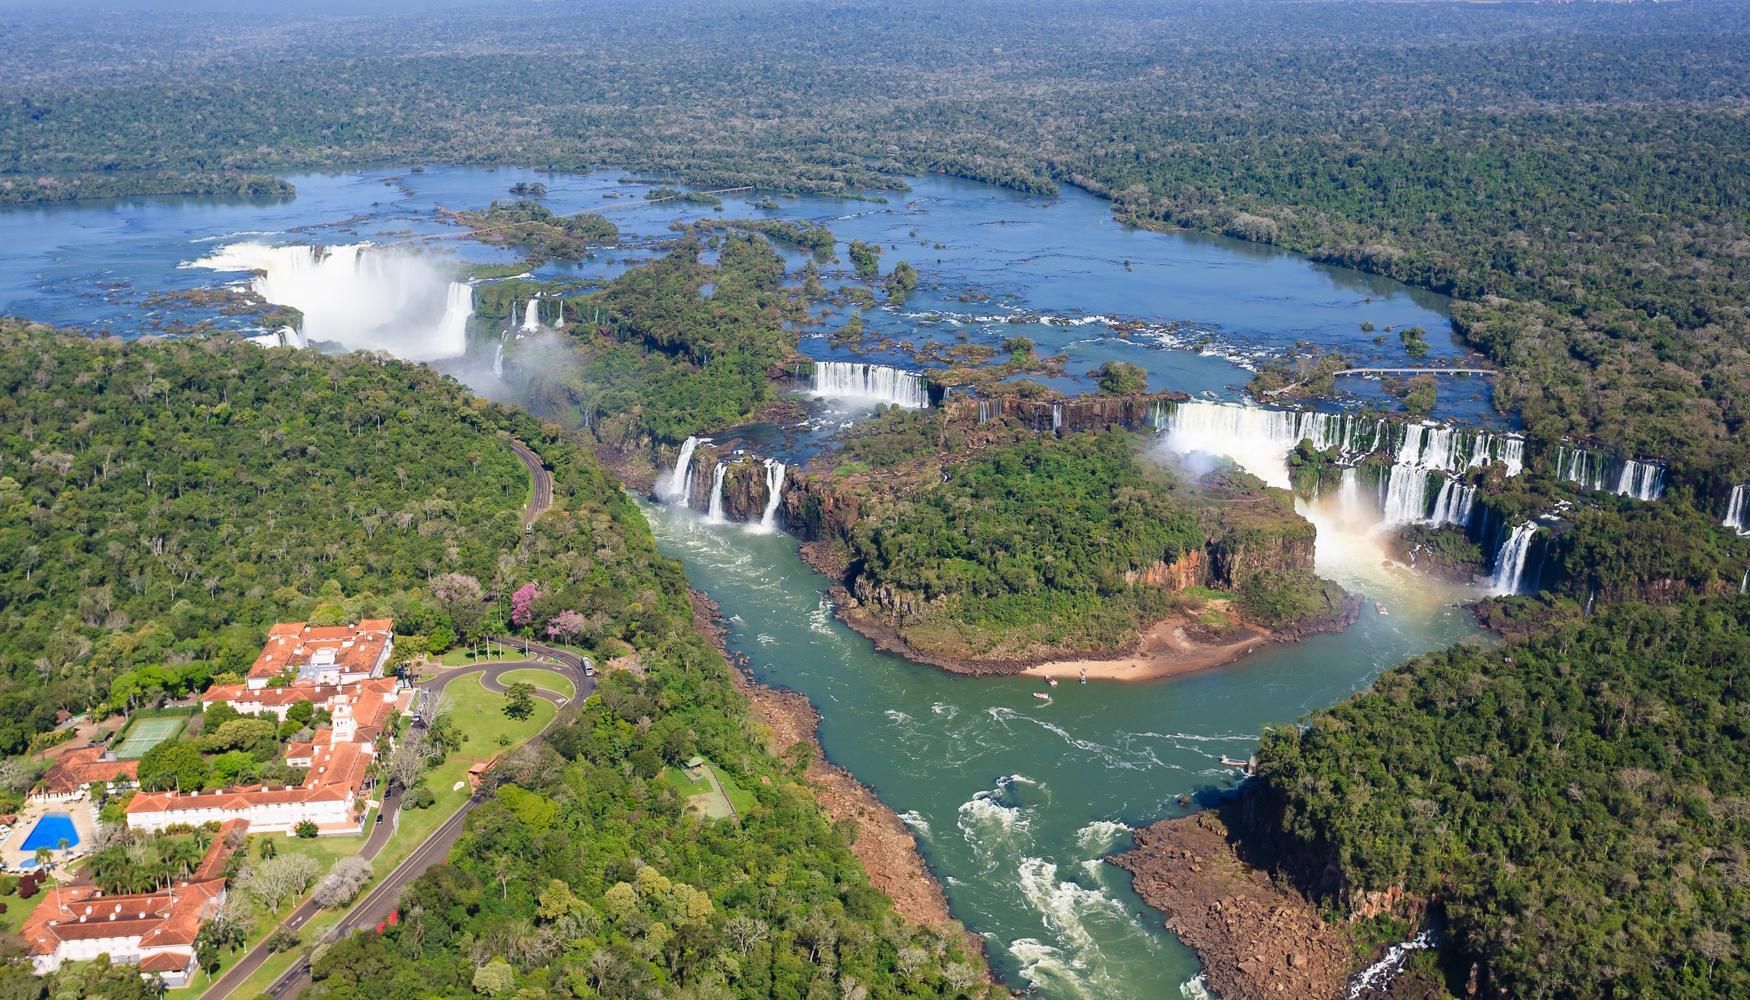 伊瓜苏 Cataratas del Iguazú国际机场的租车